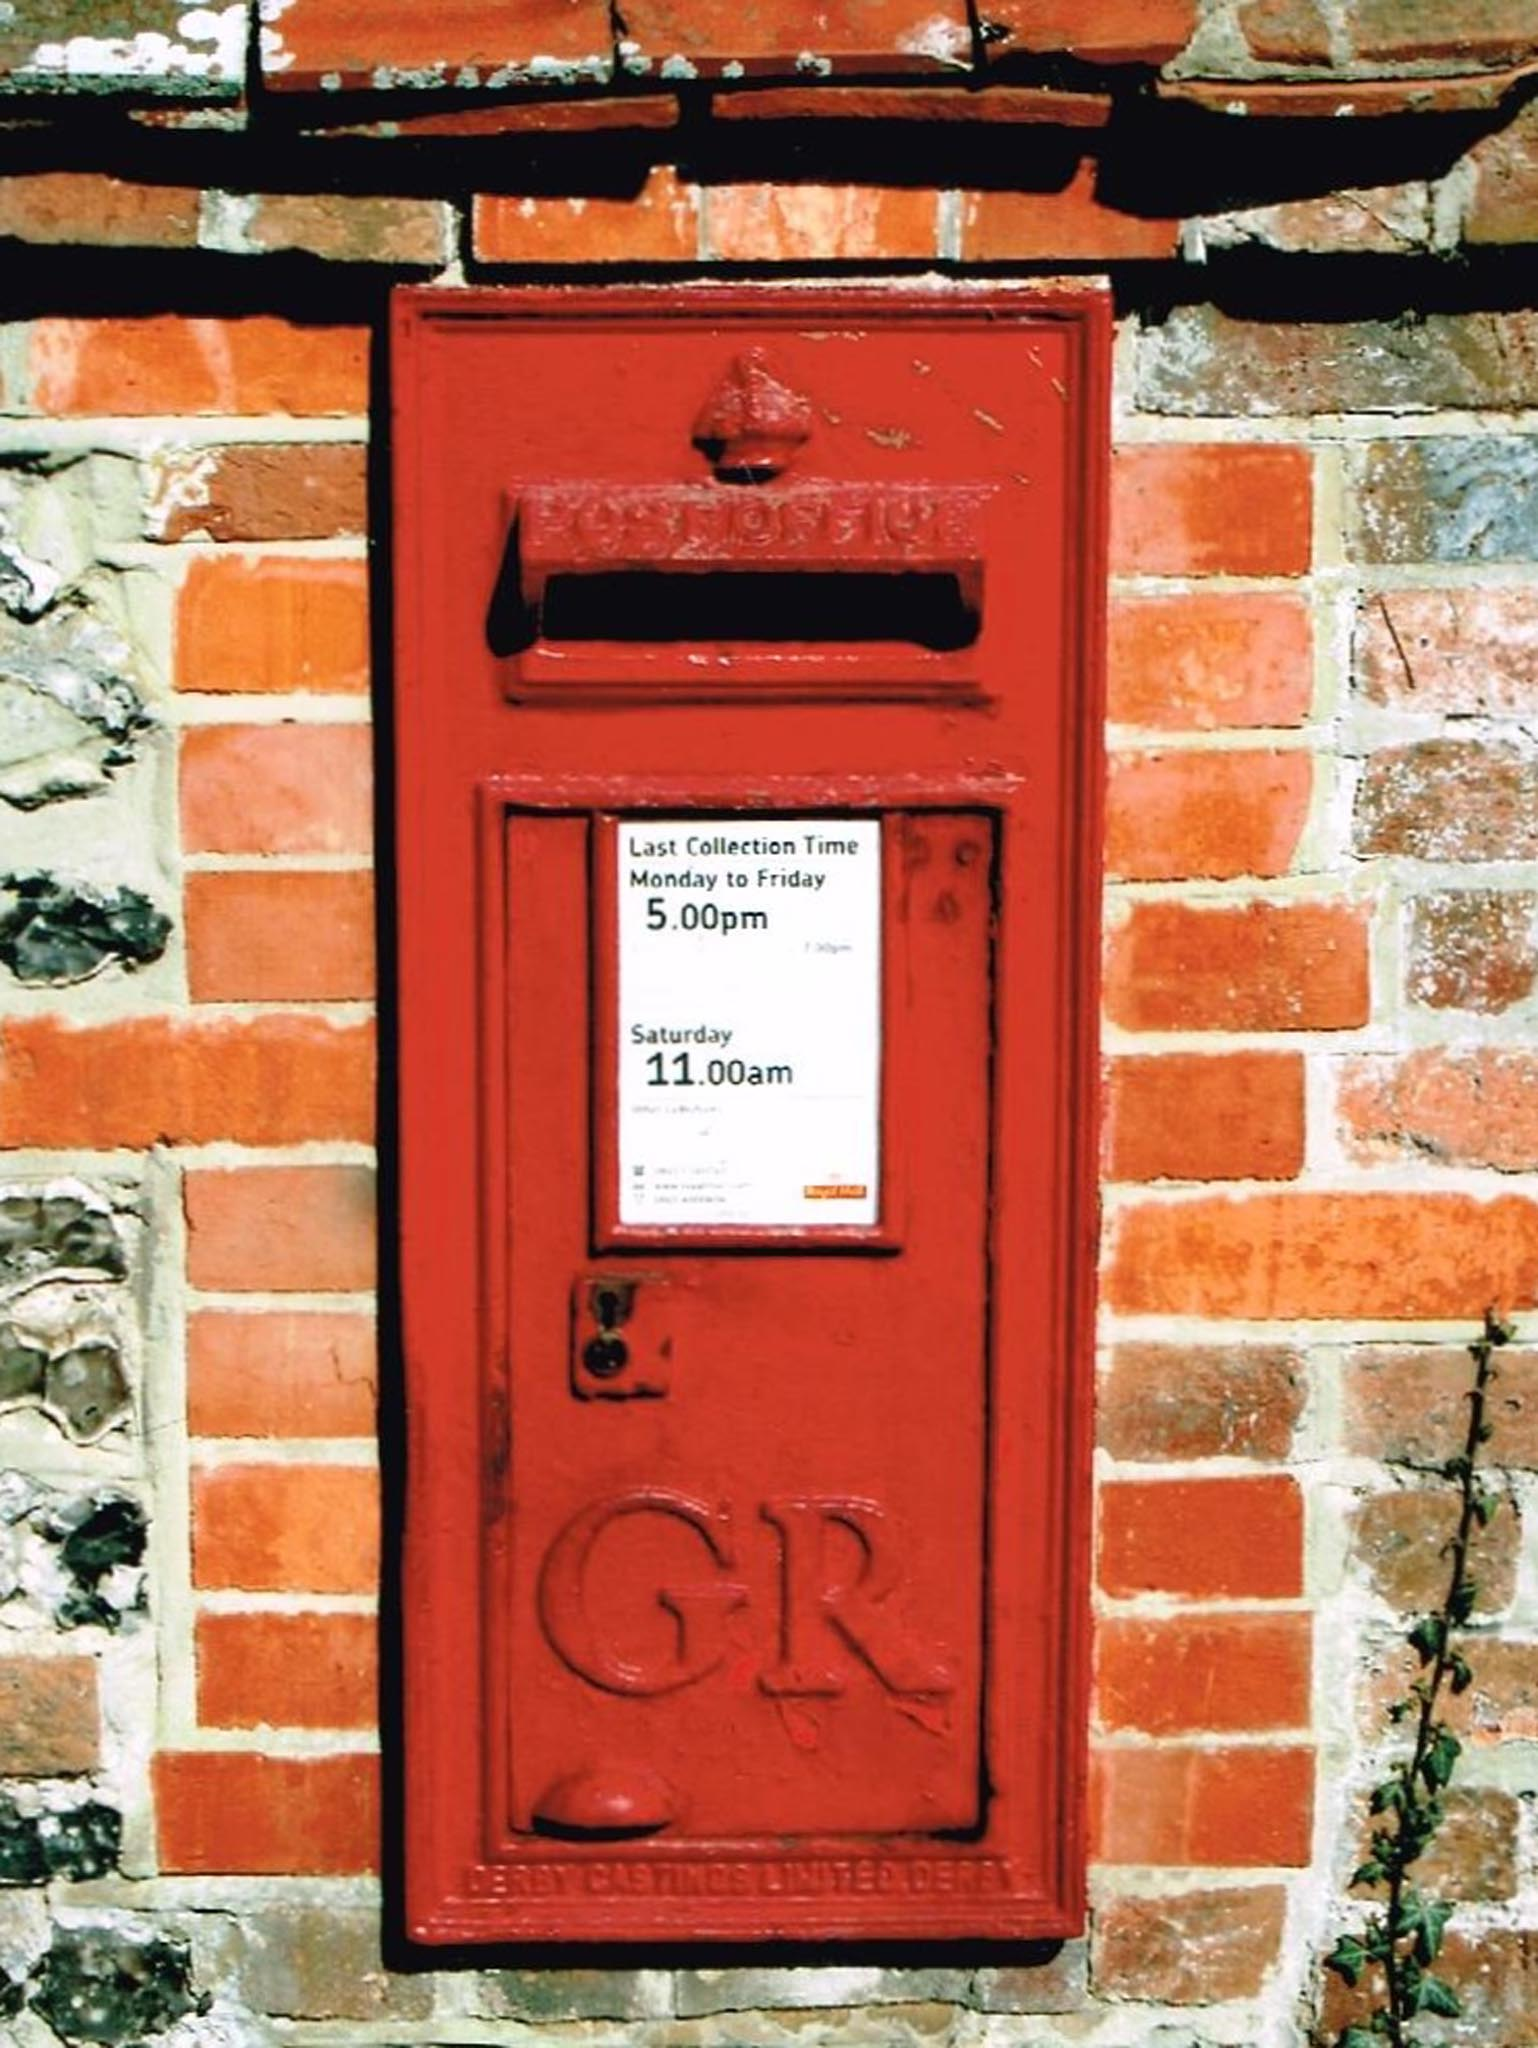 GR wall box 1930s, South England. Simon Vaughan Winter